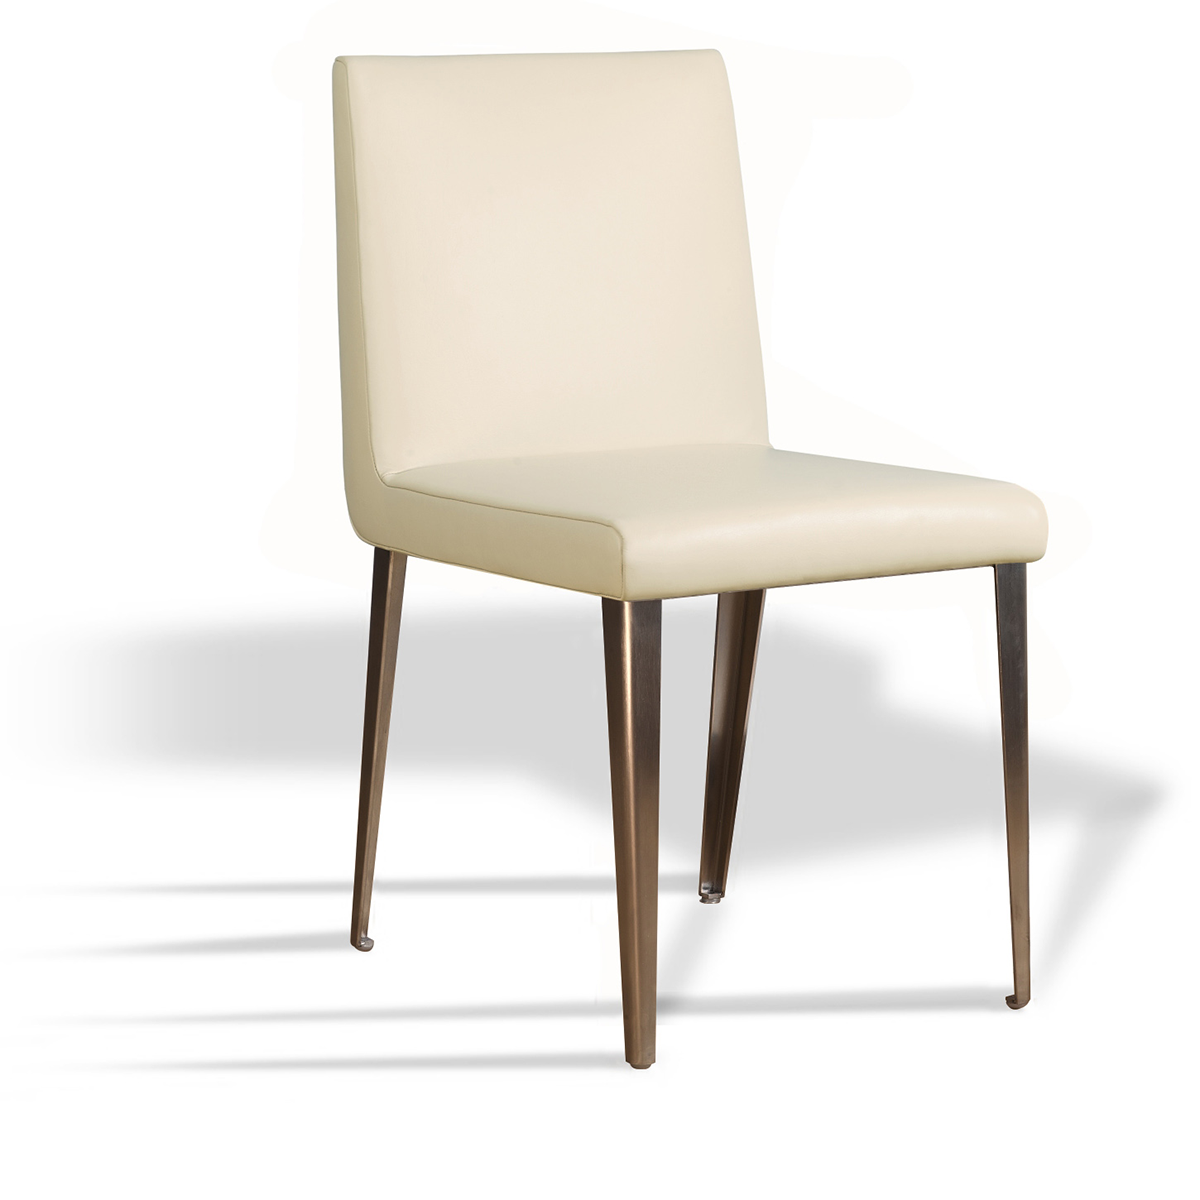 Bronx chair - на 360.ru: цены, описание, характеристики, где купить в Москве.